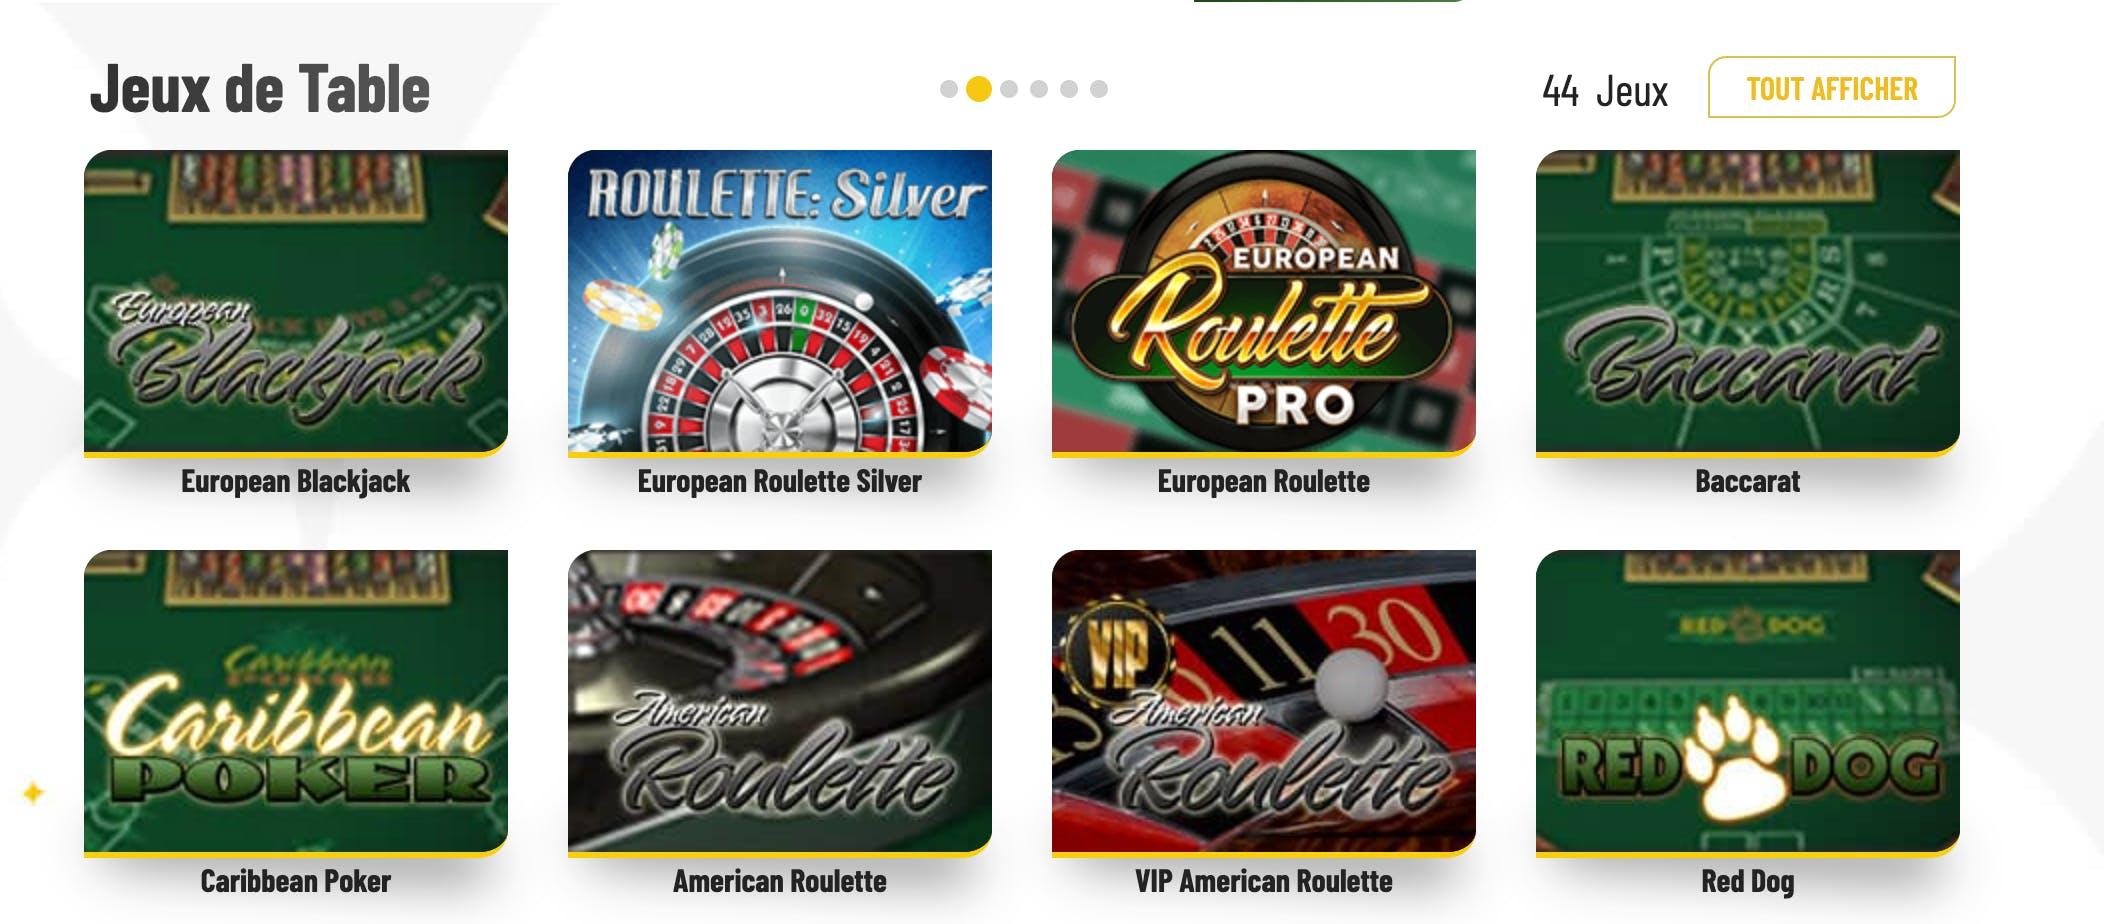 jeux de table Ma chance casino